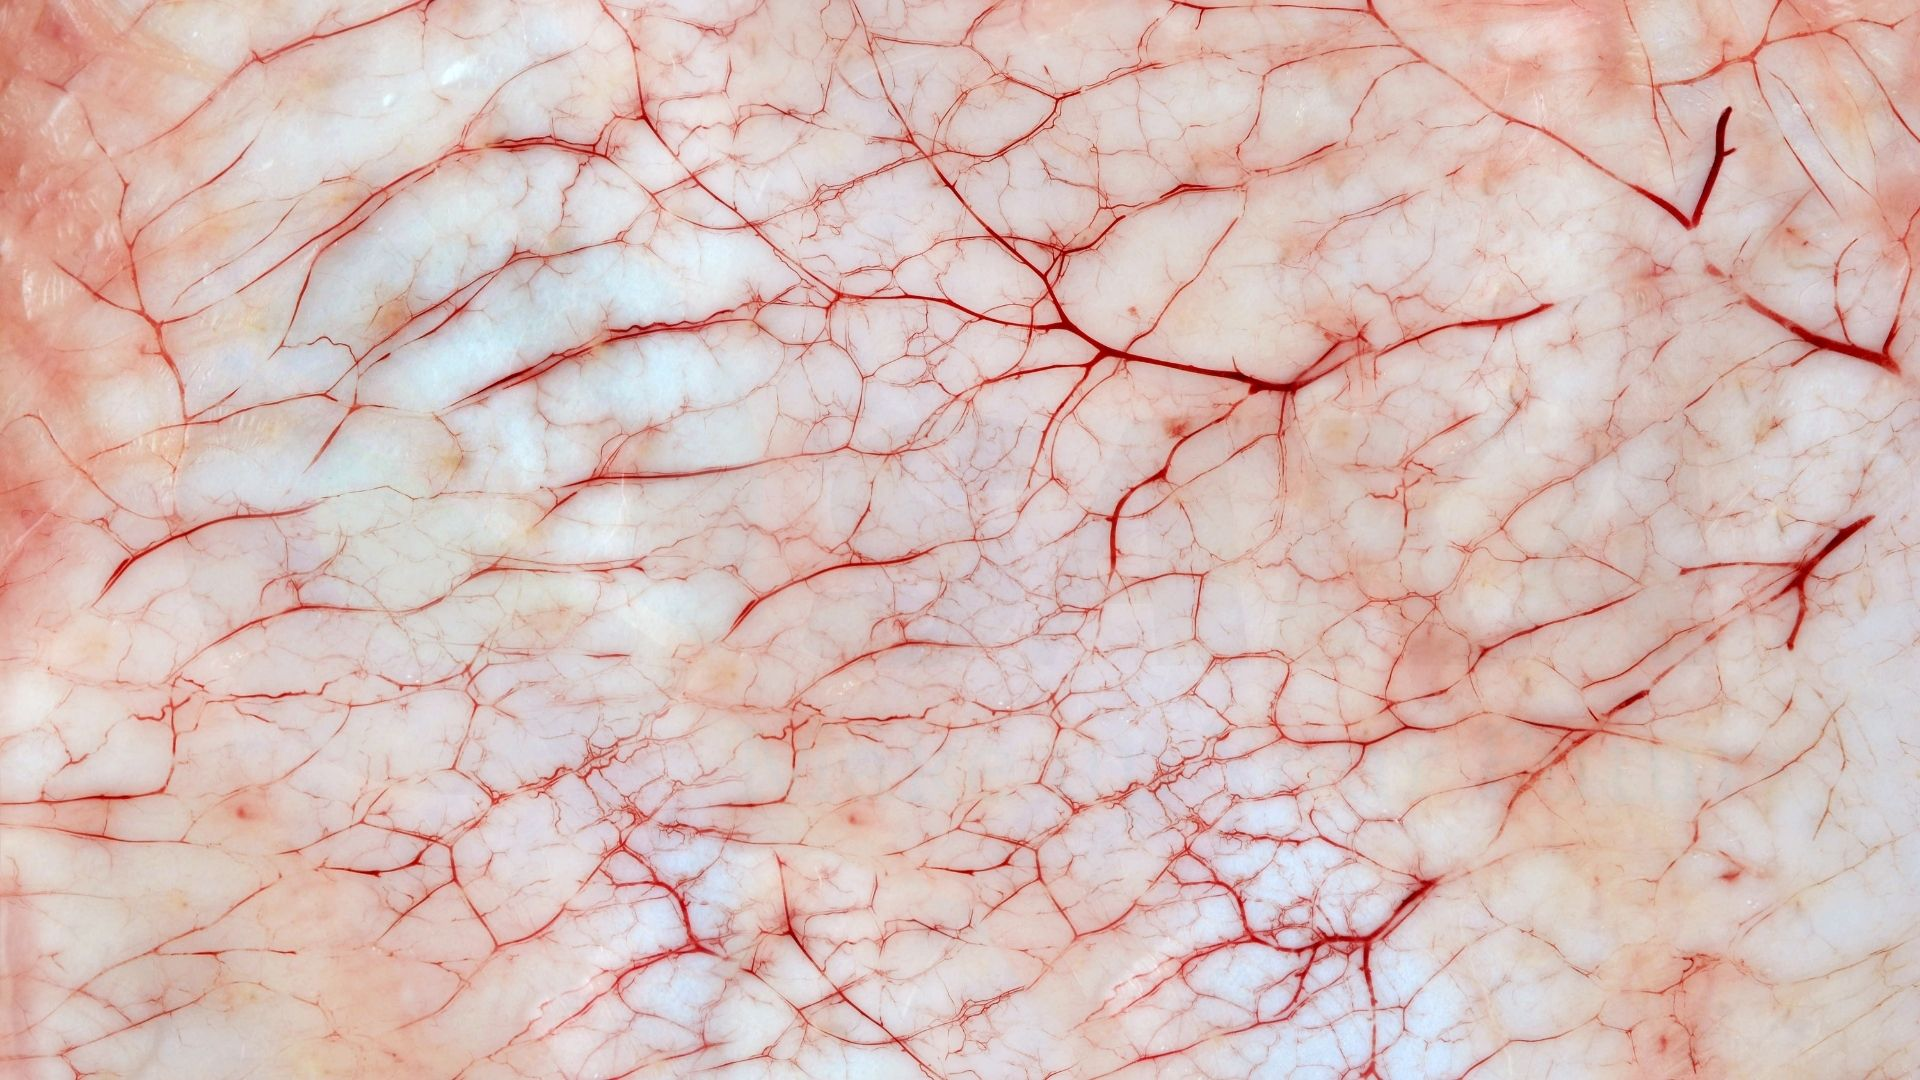 Vỡ mao mạch máu và những nghiên cứu về chúng